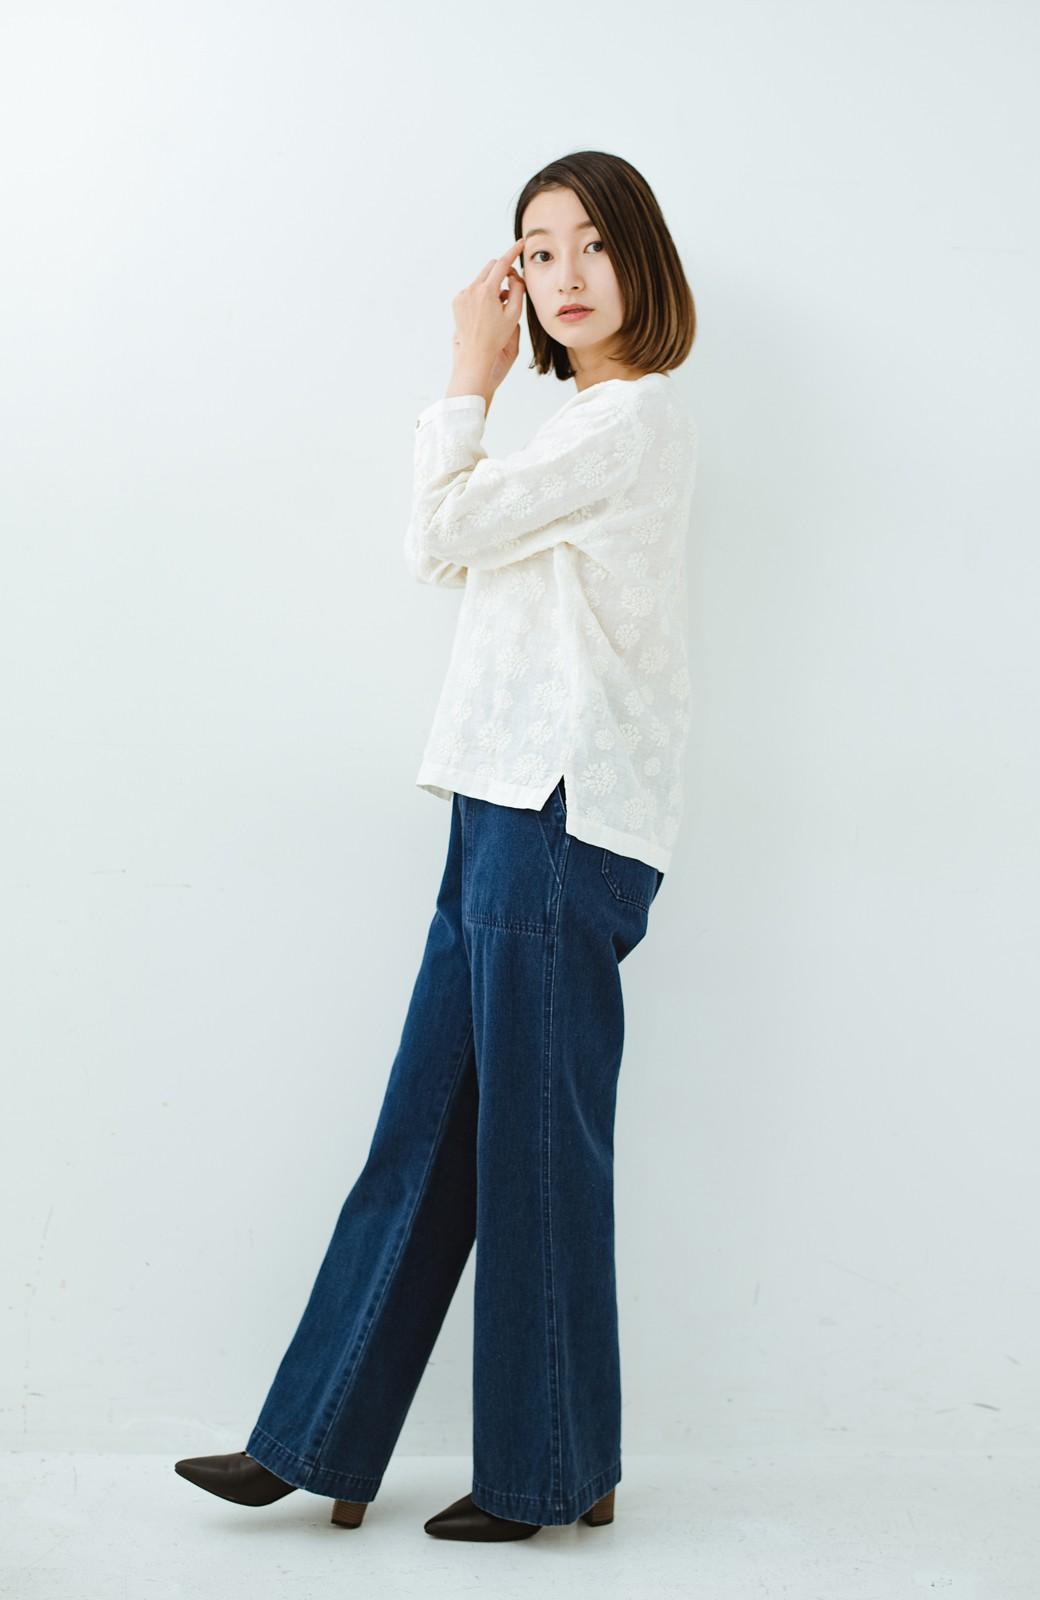 haco! てとひとて Miho Umezawa ダリア刺繍リネンブラウス <クリーム>の商品写真10